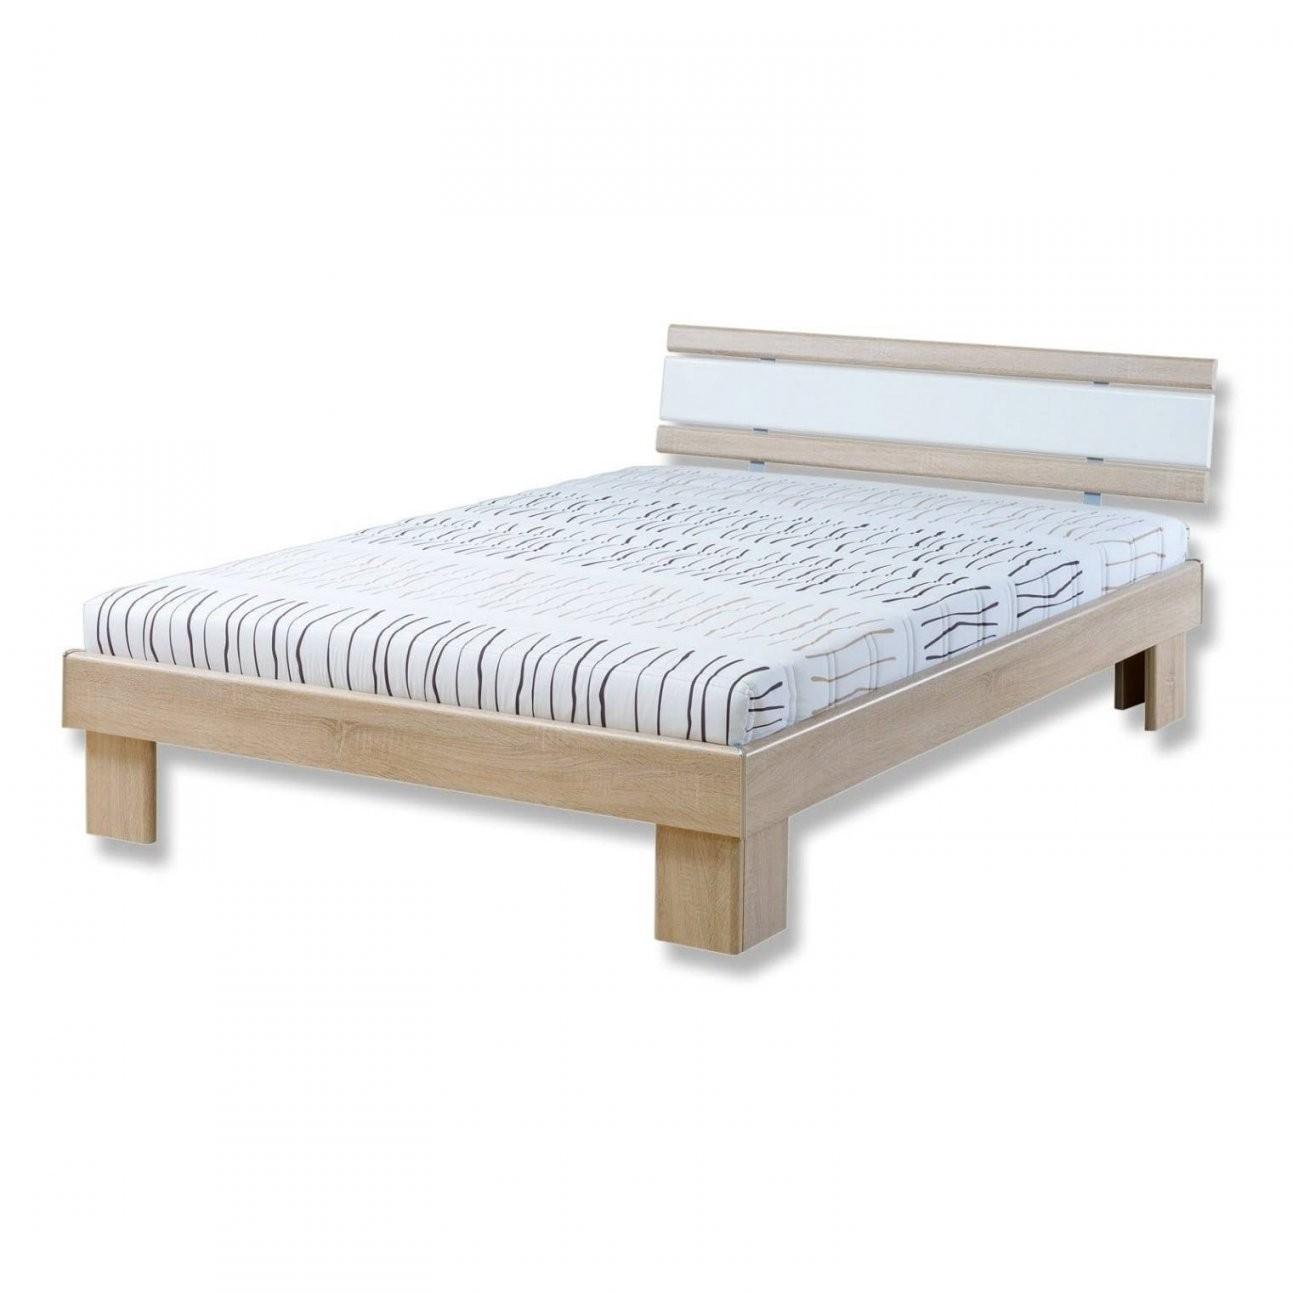 Roller Matratzen 90×200 Beste Bett 120×200 Roller Bestevon Beste von Matratze 120X200 Roller Bild